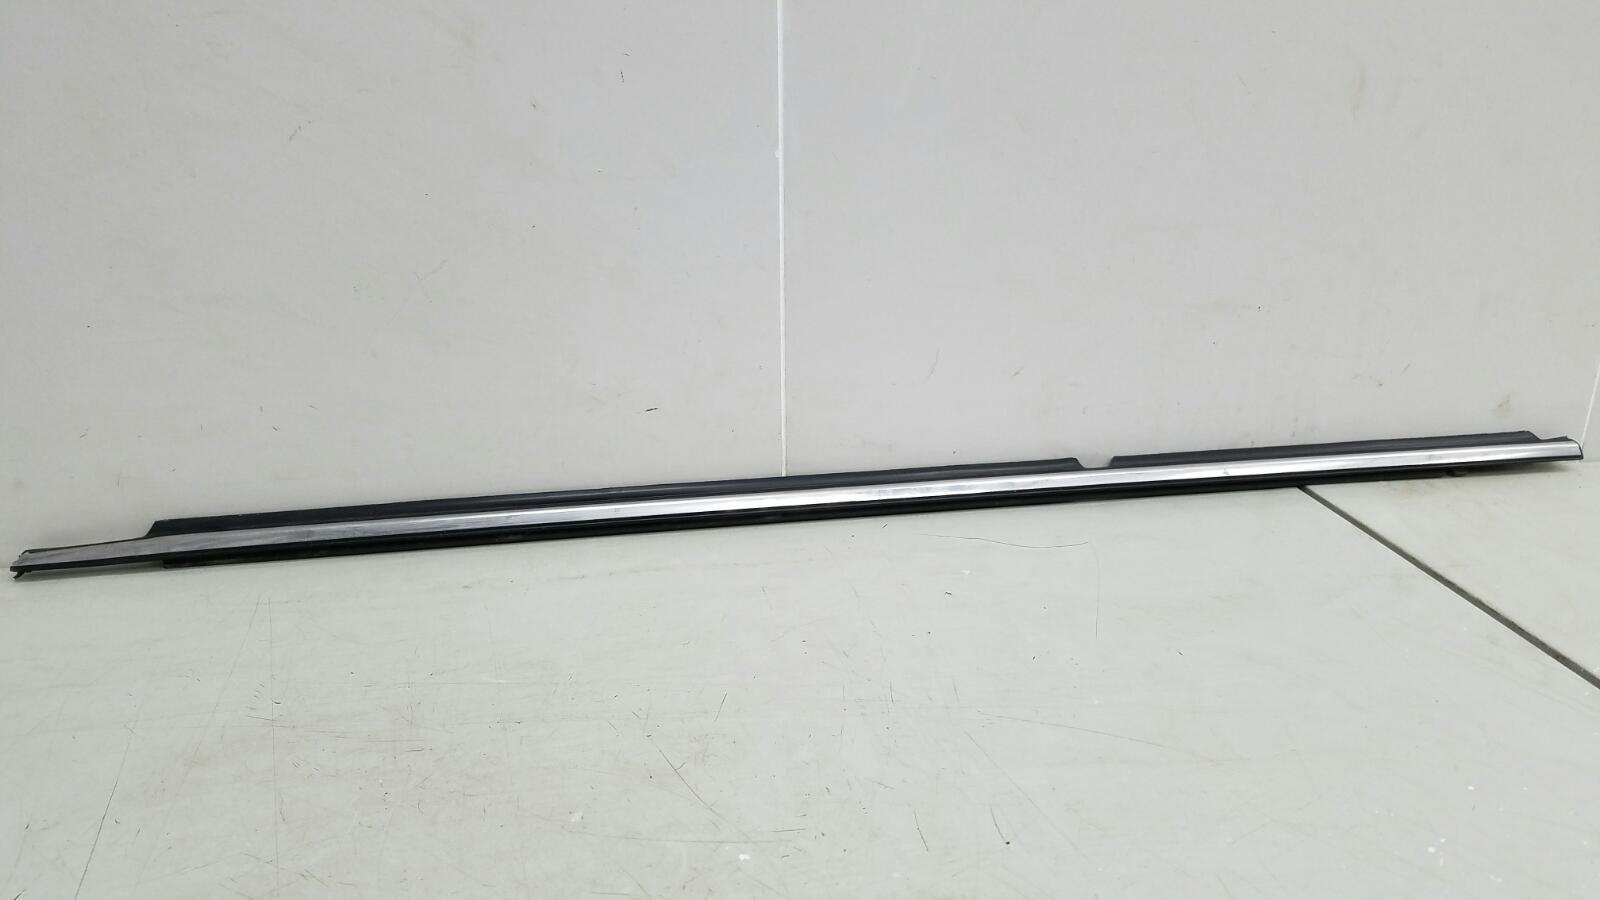 Бархотка молдинг наружний Toyota Avensis 2 T250 1ZZ-FE 1.8Л 2008 задняя левая